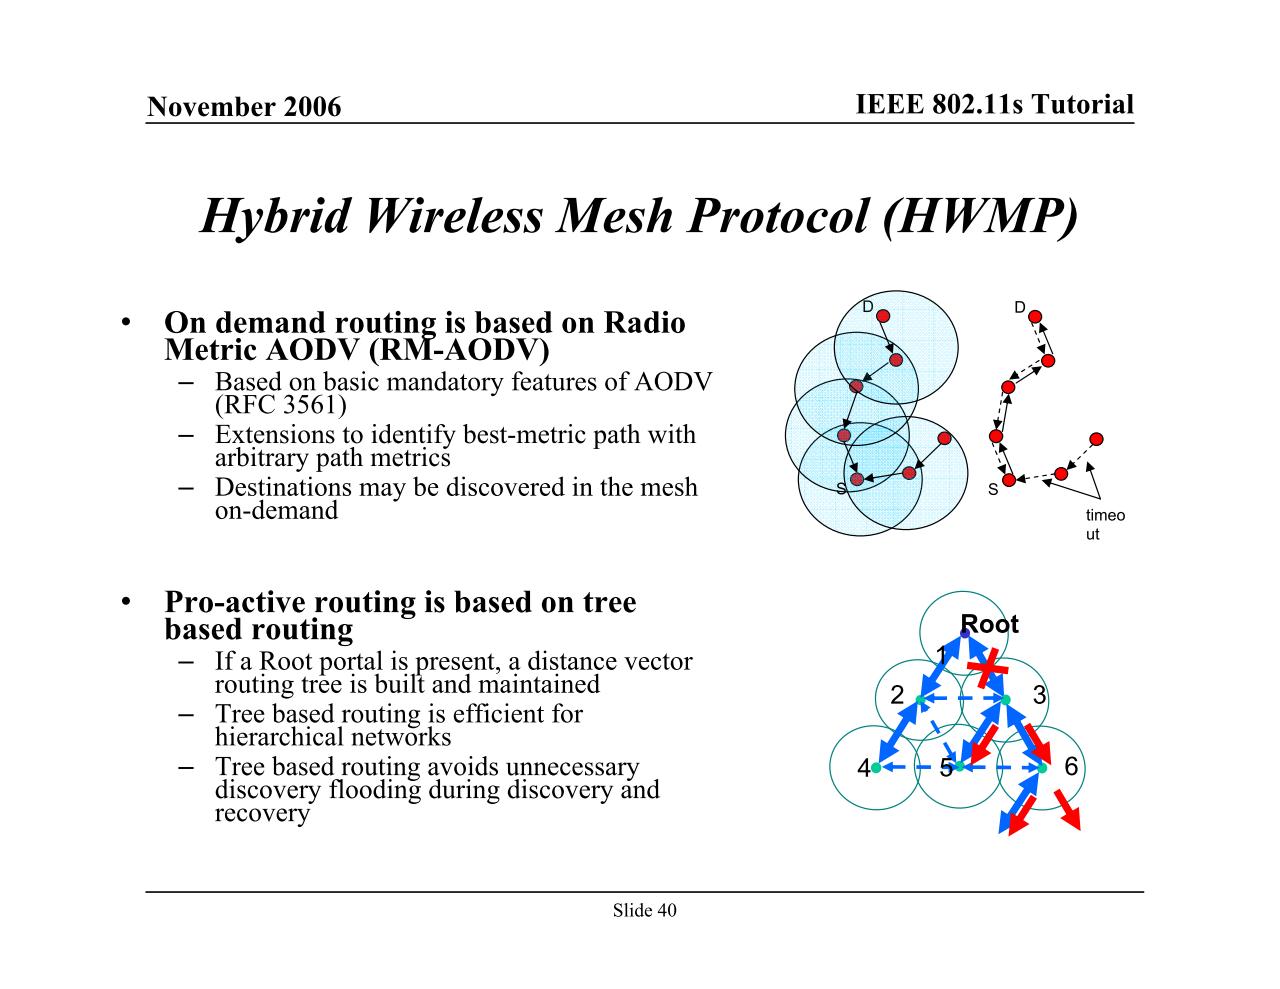 """上がRM-AODV、下がRA-OLSR。探索に掛かる時間そのものは、当然RA-OLSRの方が短い。出典は2006年11月開催のIEEE 802 Plenary Sessionにおける""""<a href=""""http://www.ieee802.org/802_tutorials/06-November/802.11s_Tutorial_r5.pdf"""" class=""""n"""" target=""""_blank"""">IEEE 802.11s Tutorial</a>"""""""